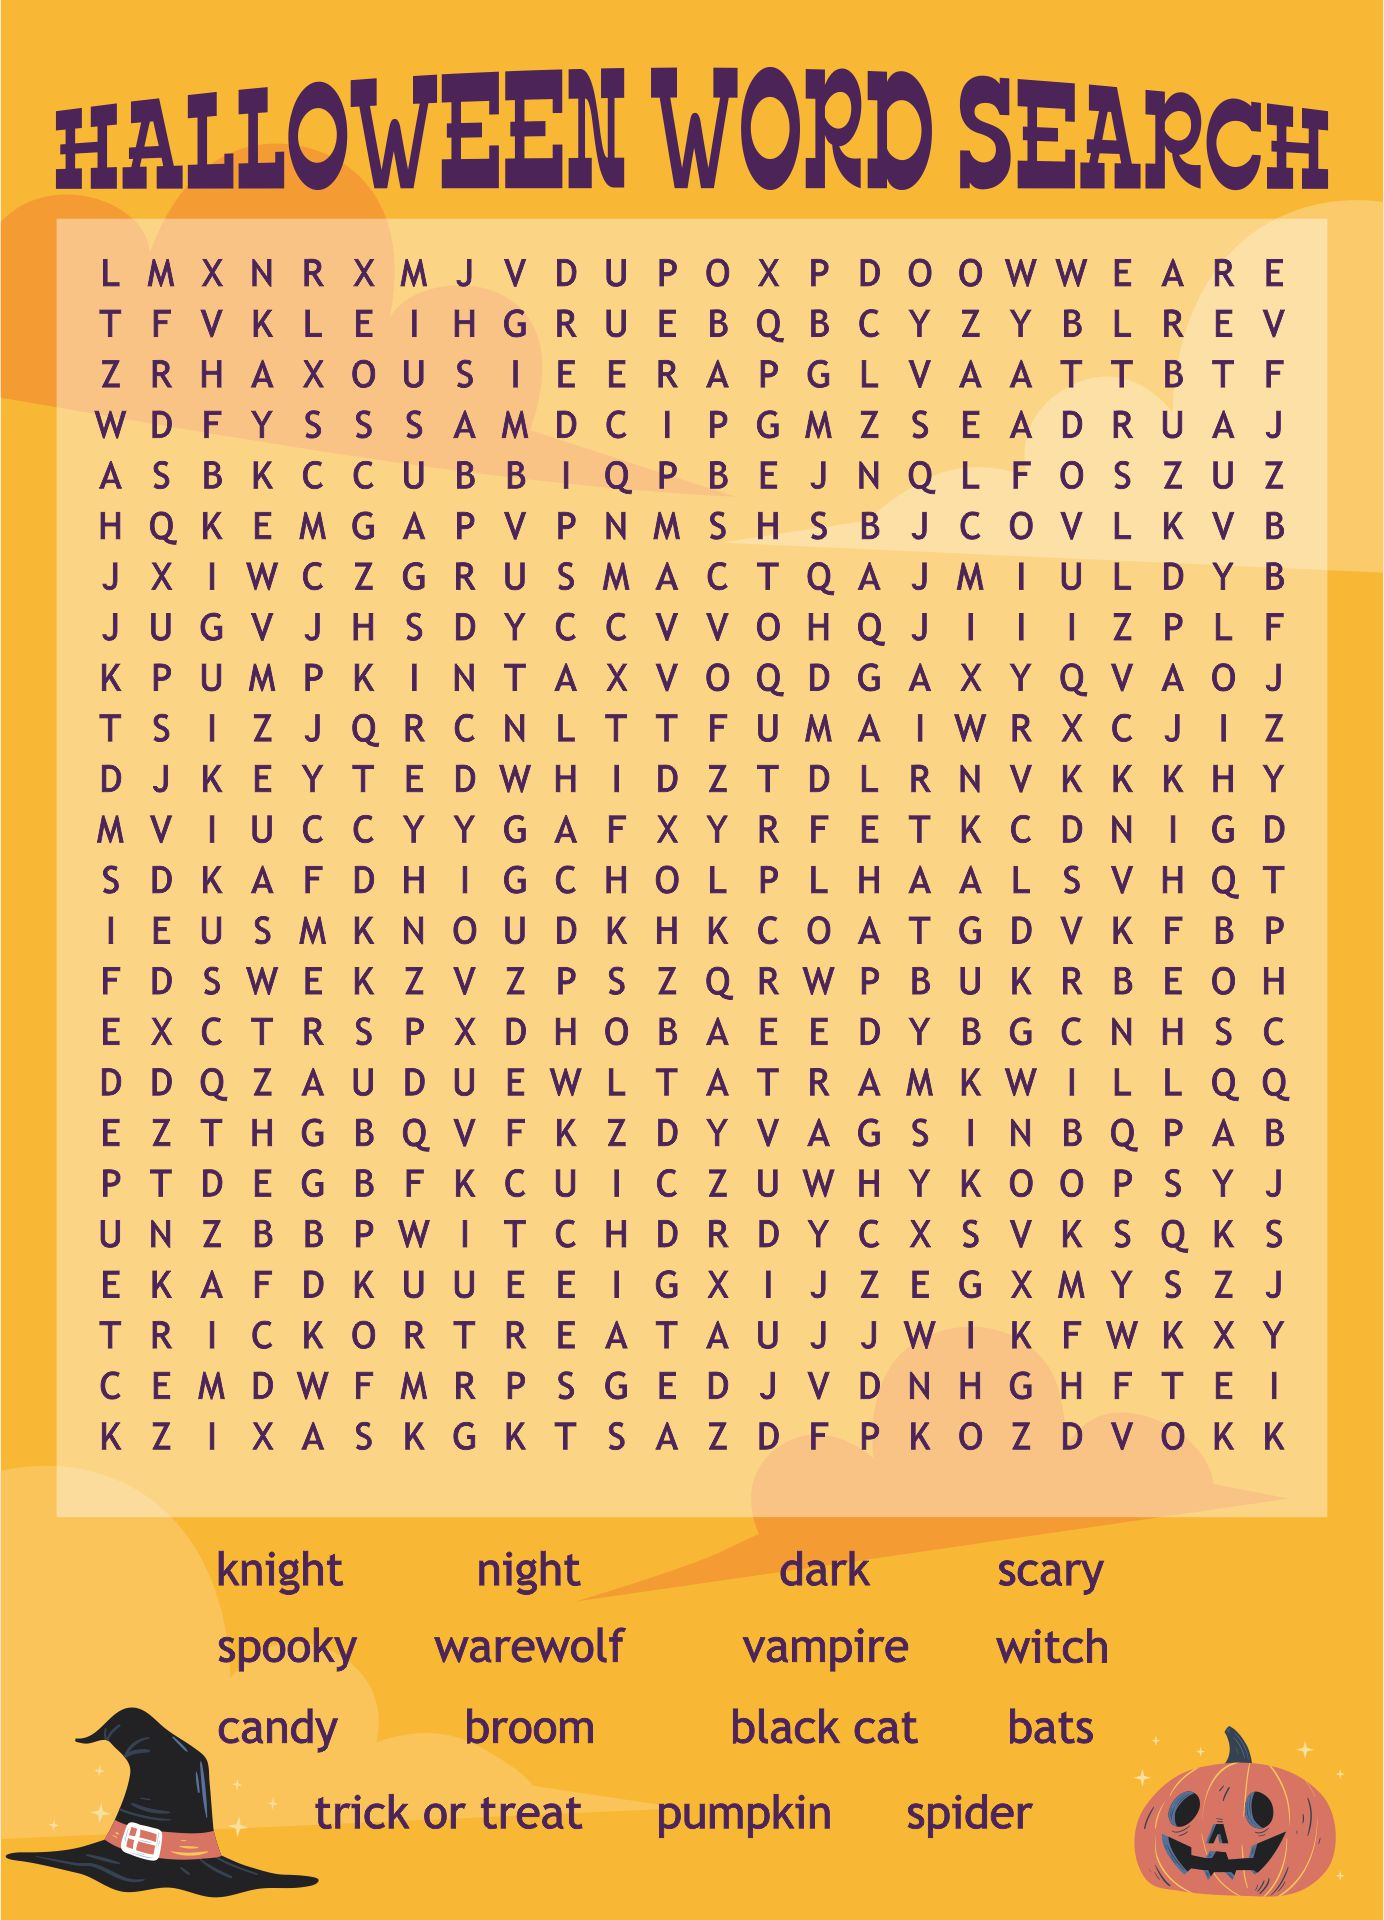 Fun & Free Printable Halloween Word Search